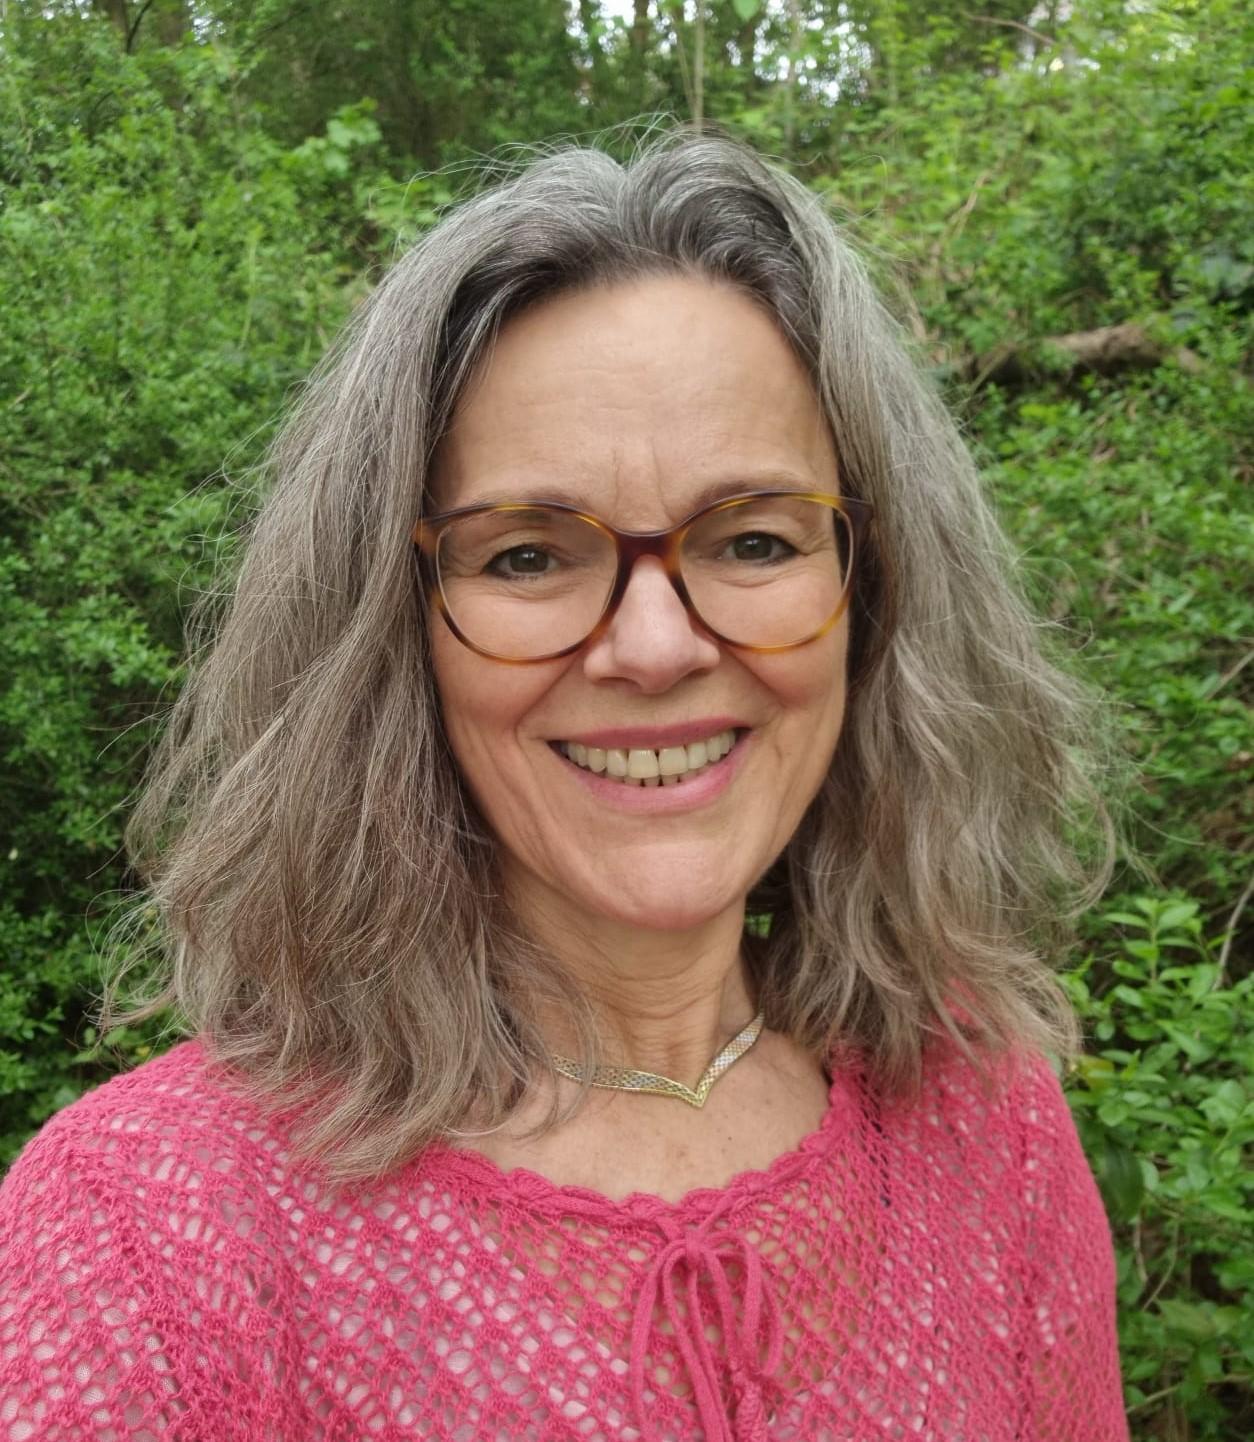 Karin Gerber